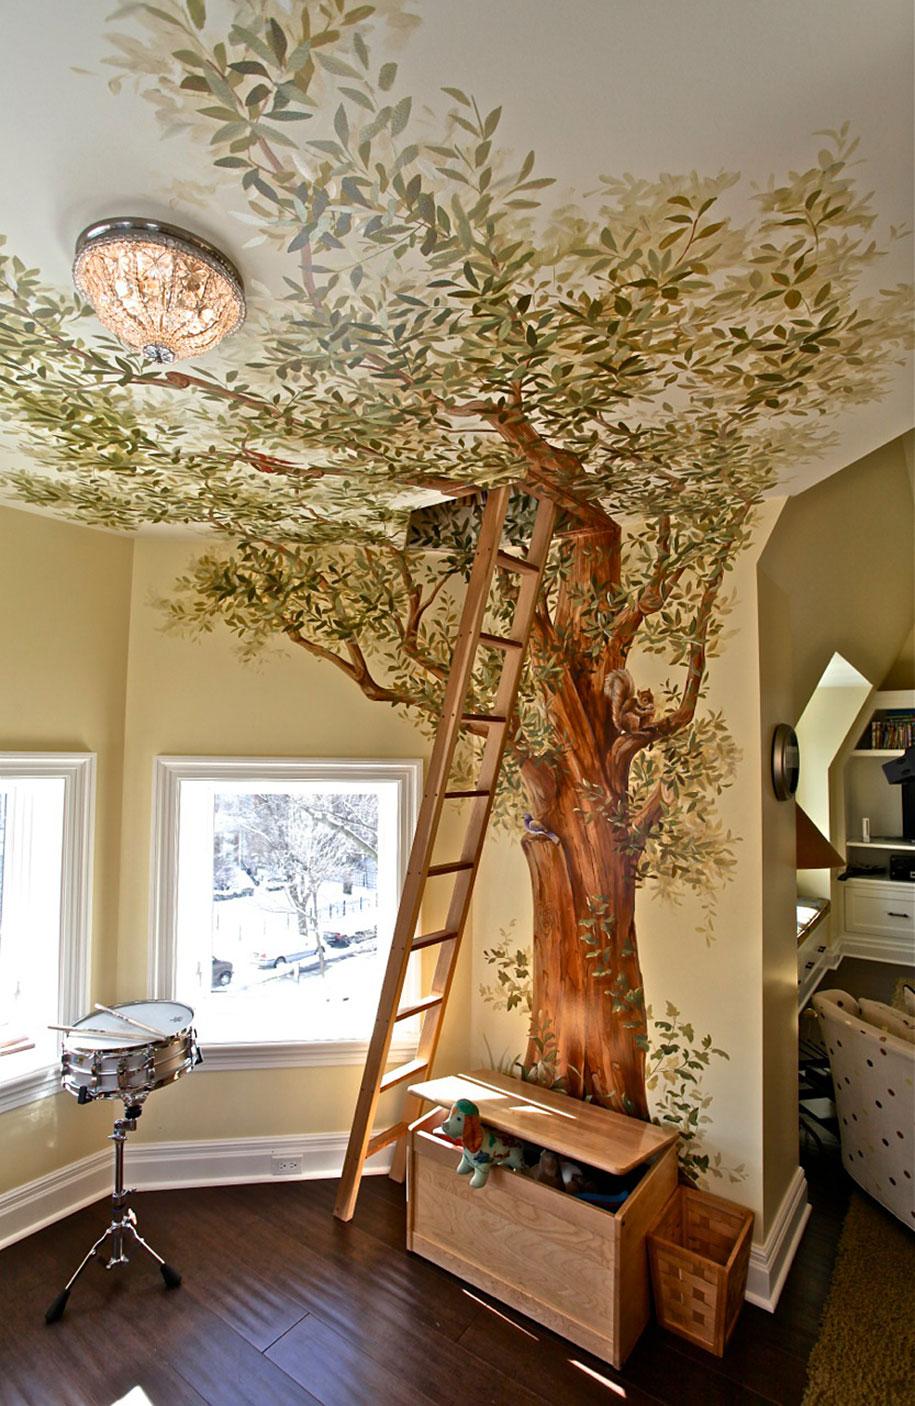 bedroom interiors for kids - Bedroom Fun Ideas